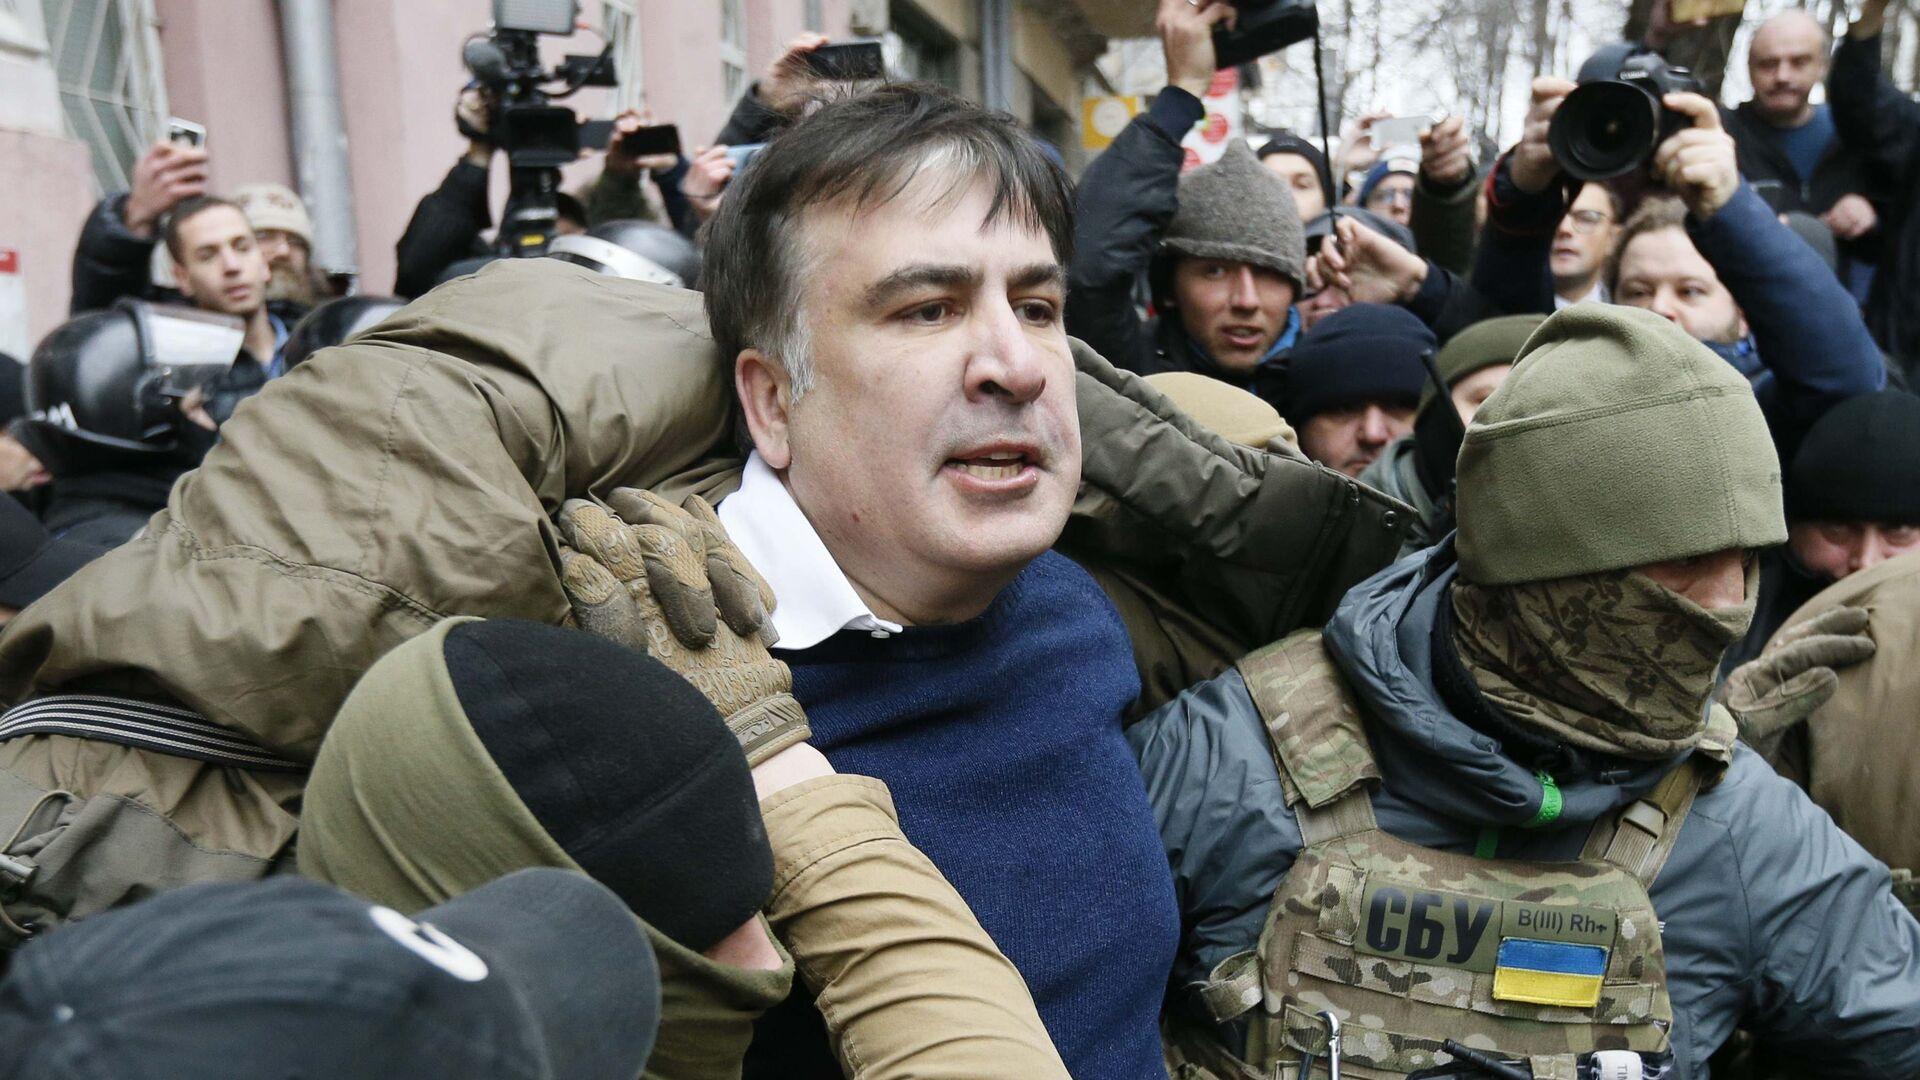 Сотрудники спецназа полиции задерживают Михаила Саакашвили в Киеве - Sputnik Грузия, 1920, 12.10.2021